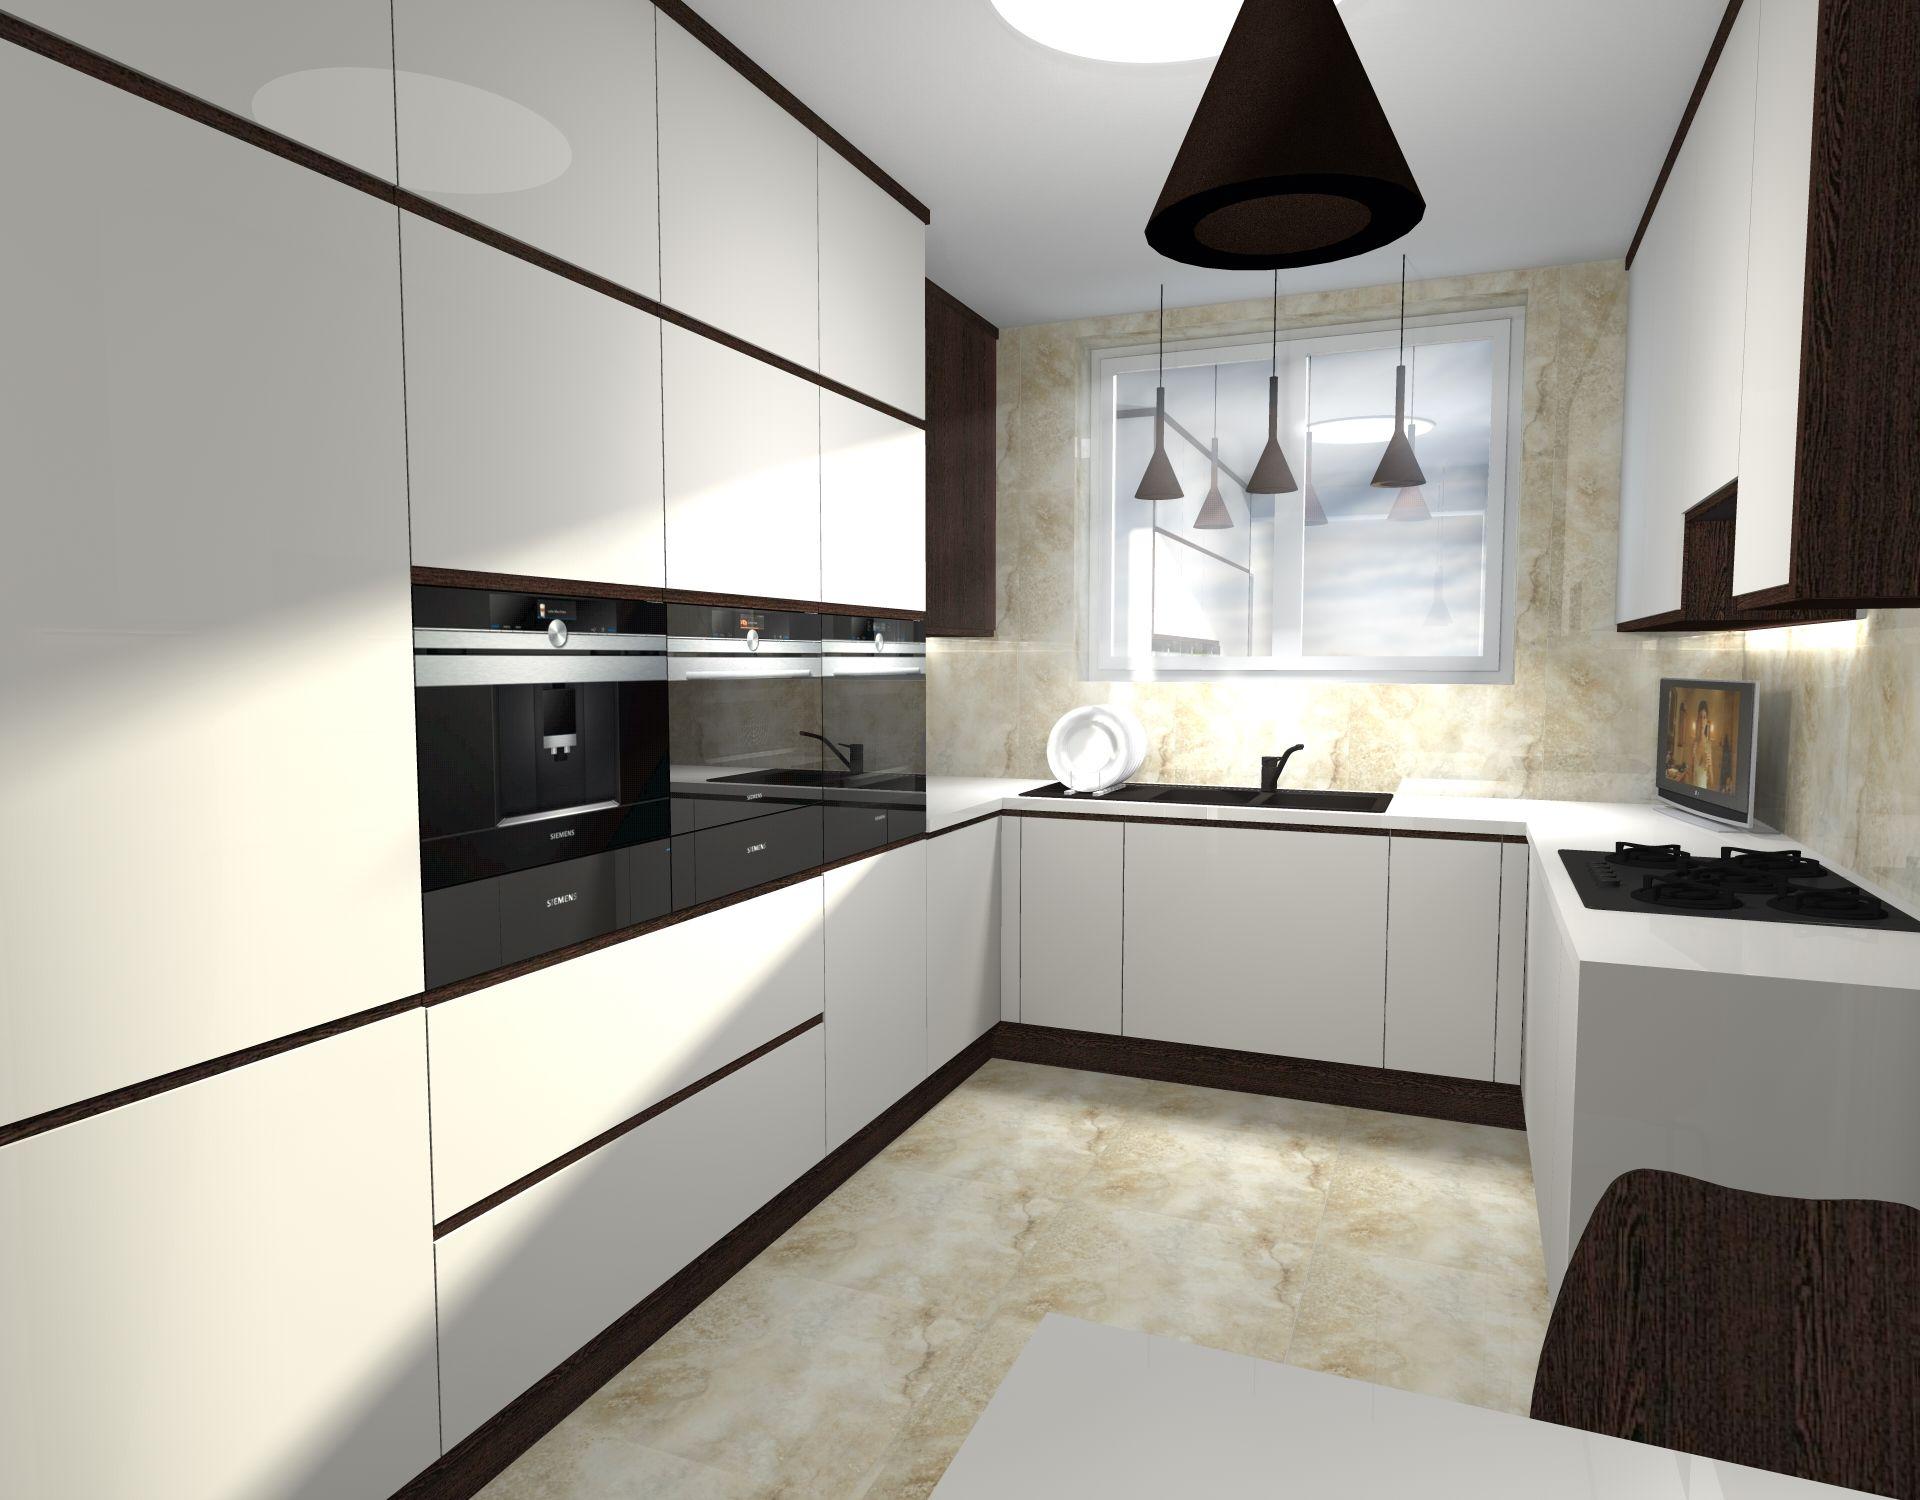 Projekt Kuchni W Domu Jednorodzinnym Lil Let Projektowanie Wnetrz Szczecin My Room Home My Home